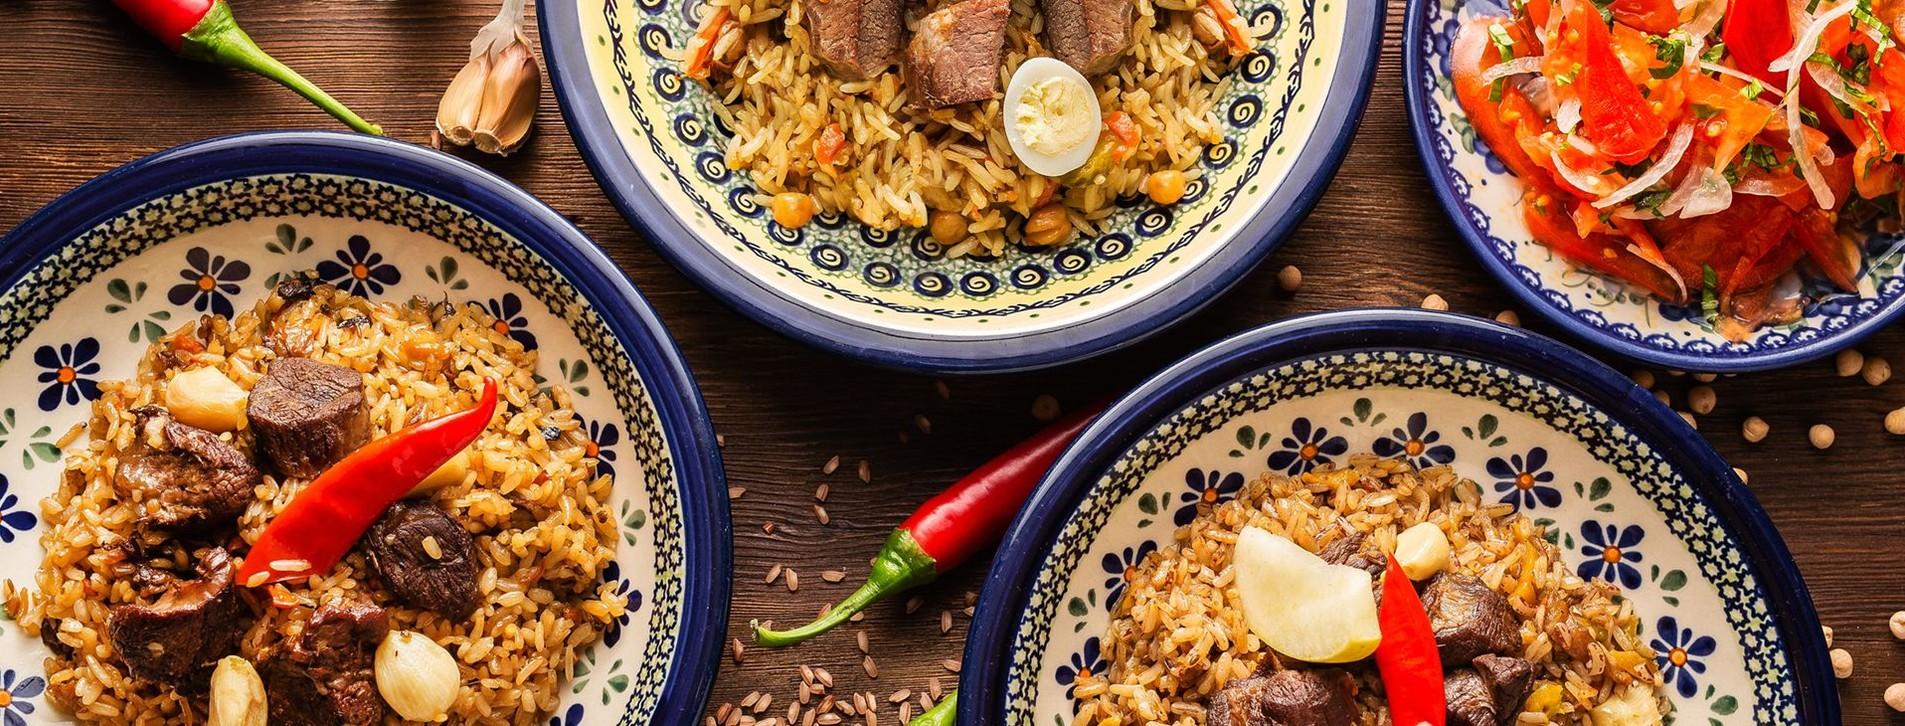 Фото - Ужин в ресторане узбекской кухни Eshak